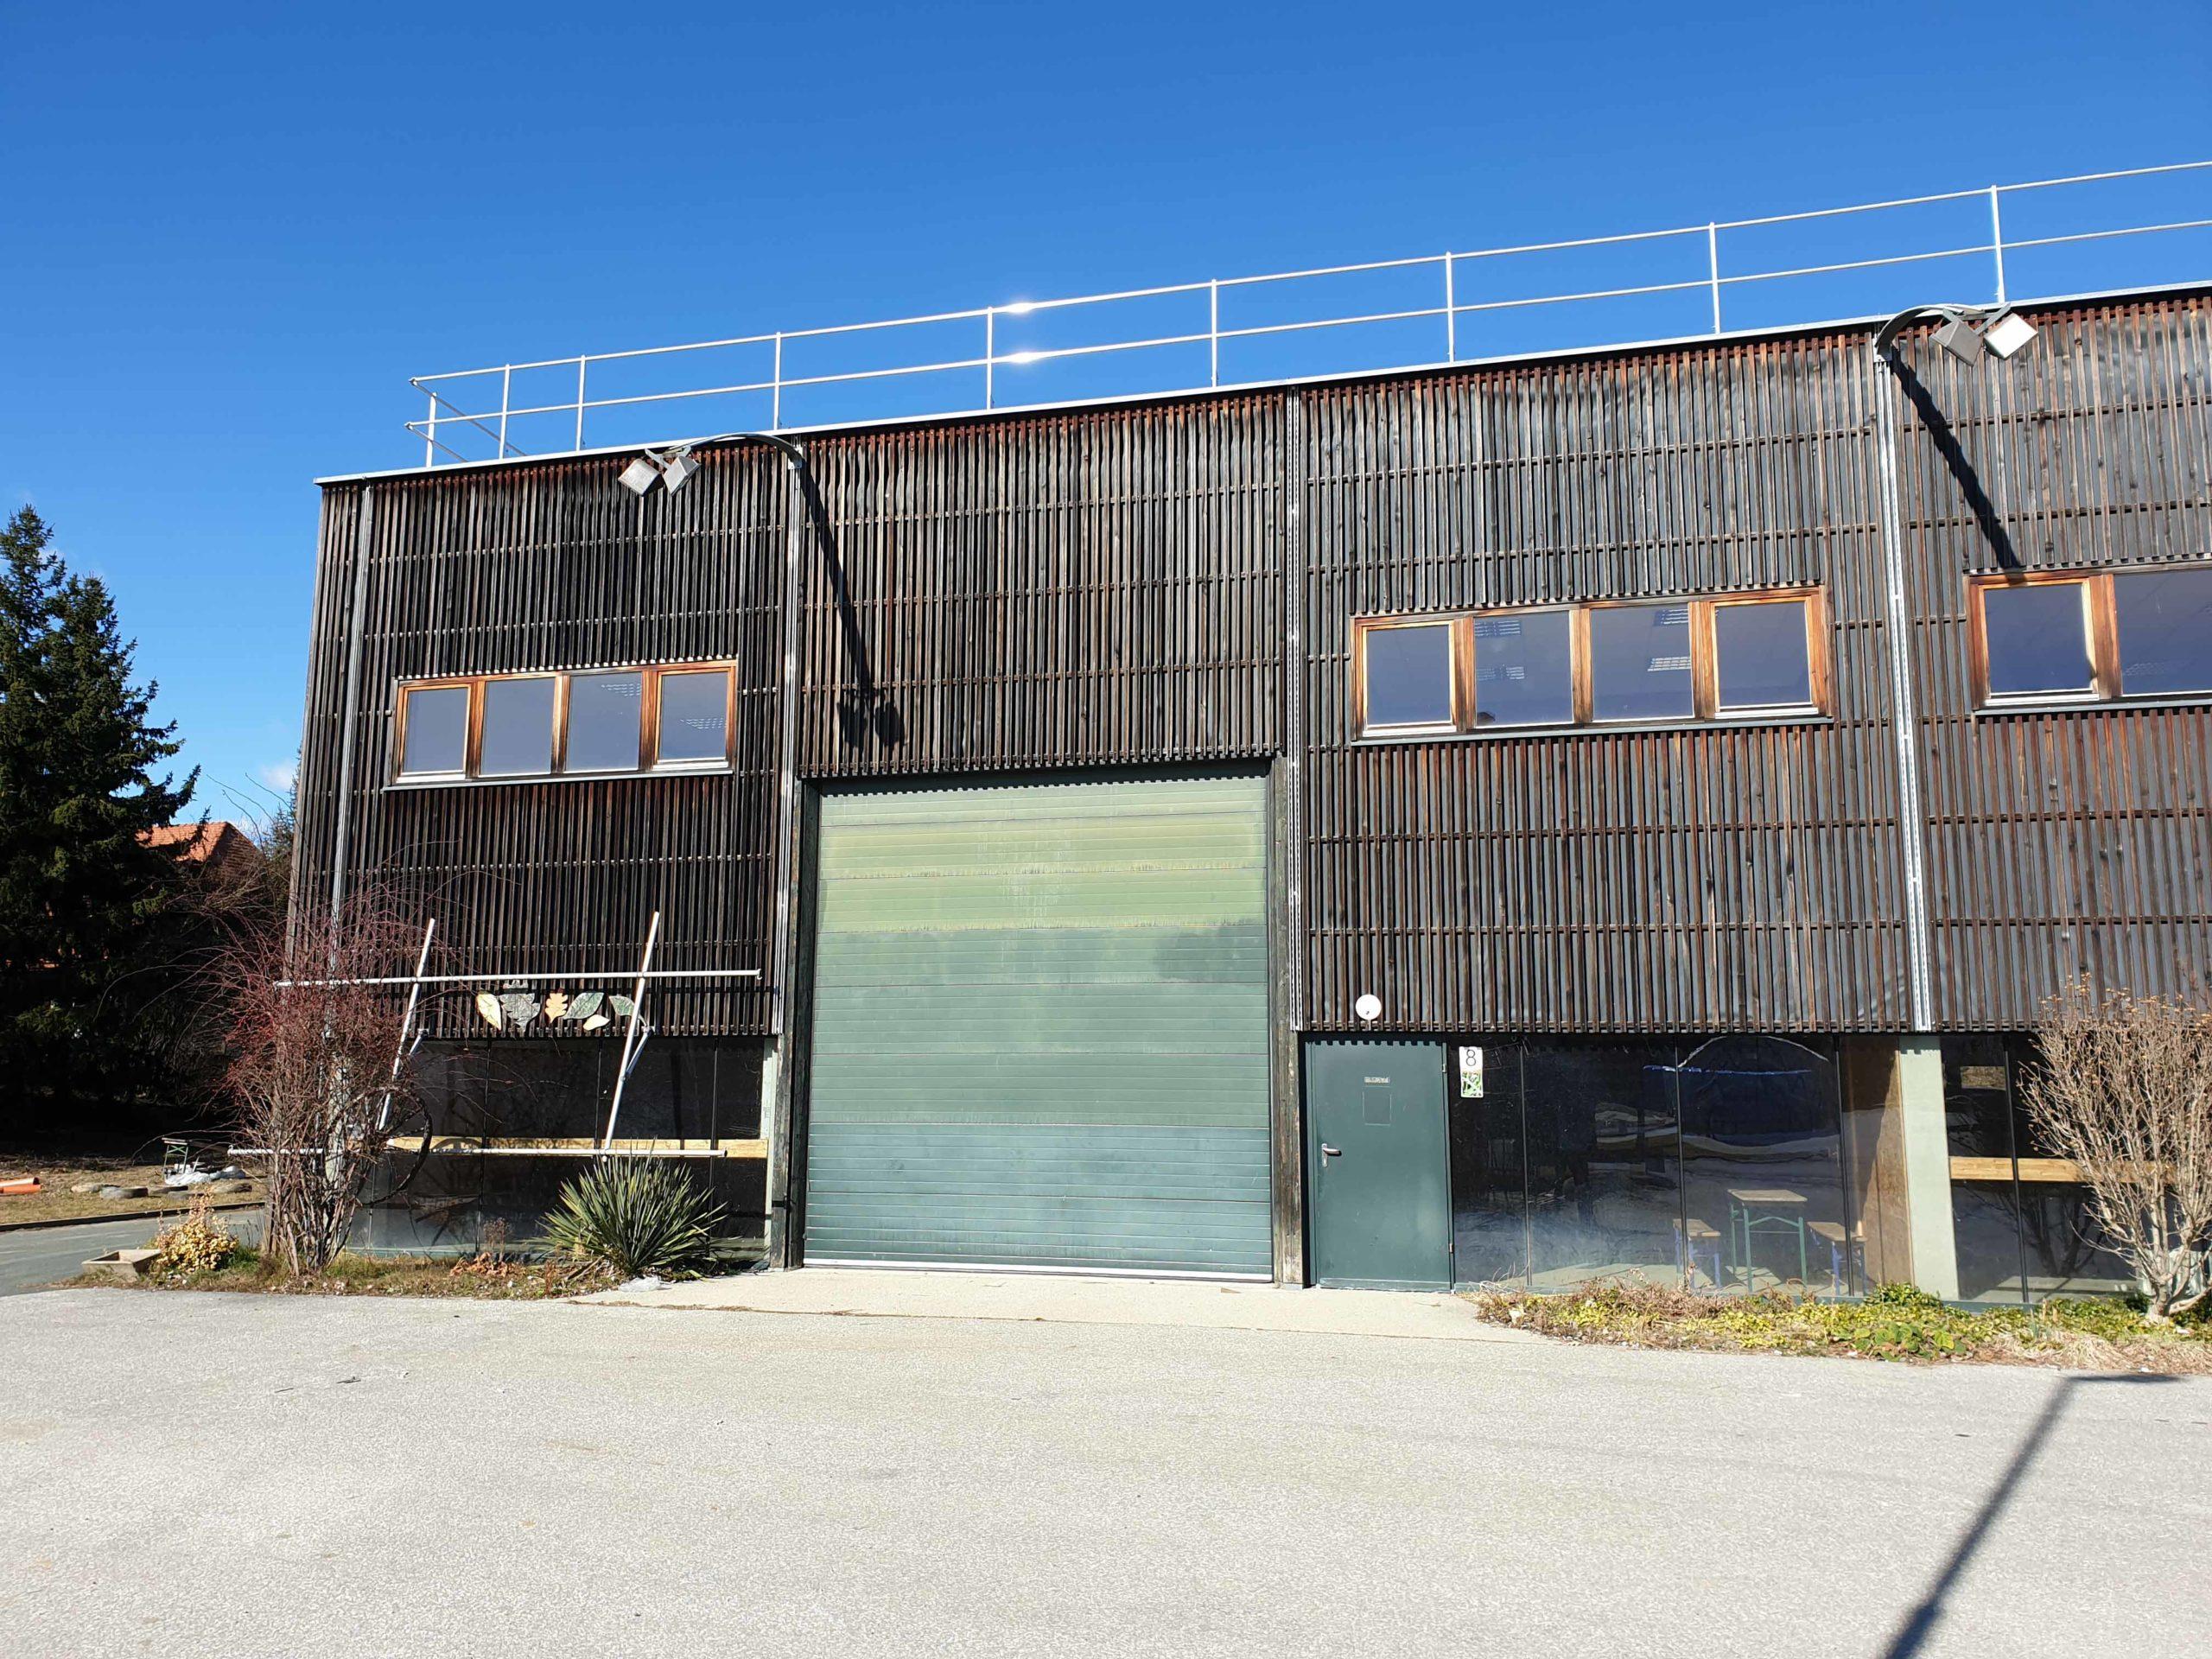 Solarhalle Aussenansicht Ökopark Hartberg